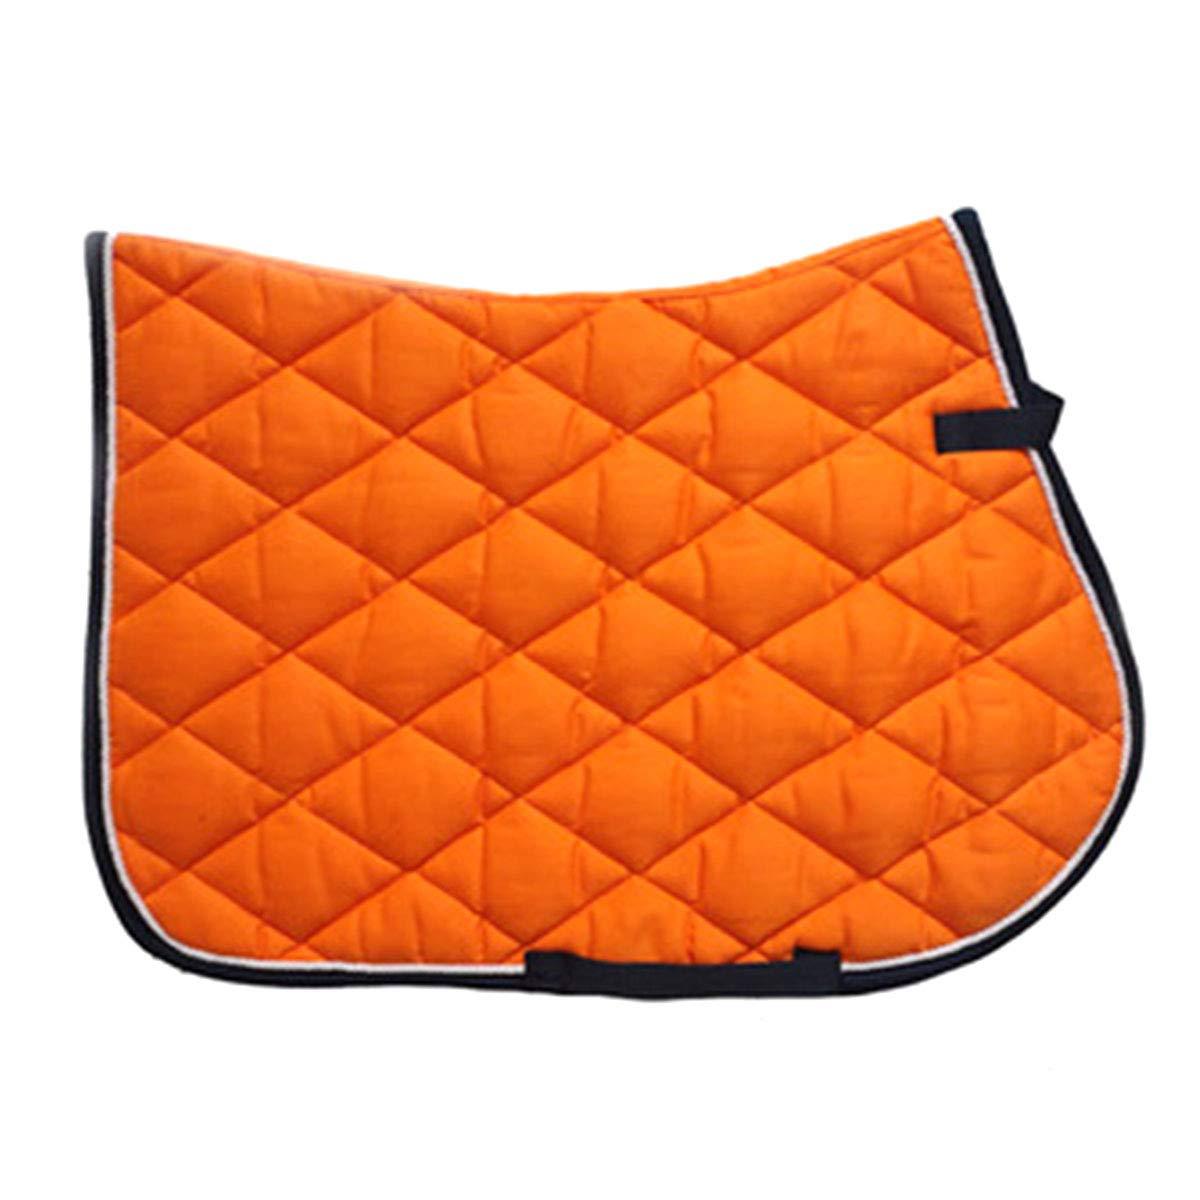 YINSONG Mantilla de Caballo - Mantilla para Uso General Ecuestre Cuchilla de Silla de Montar Acolchada Cómoda y Completa, Naranja